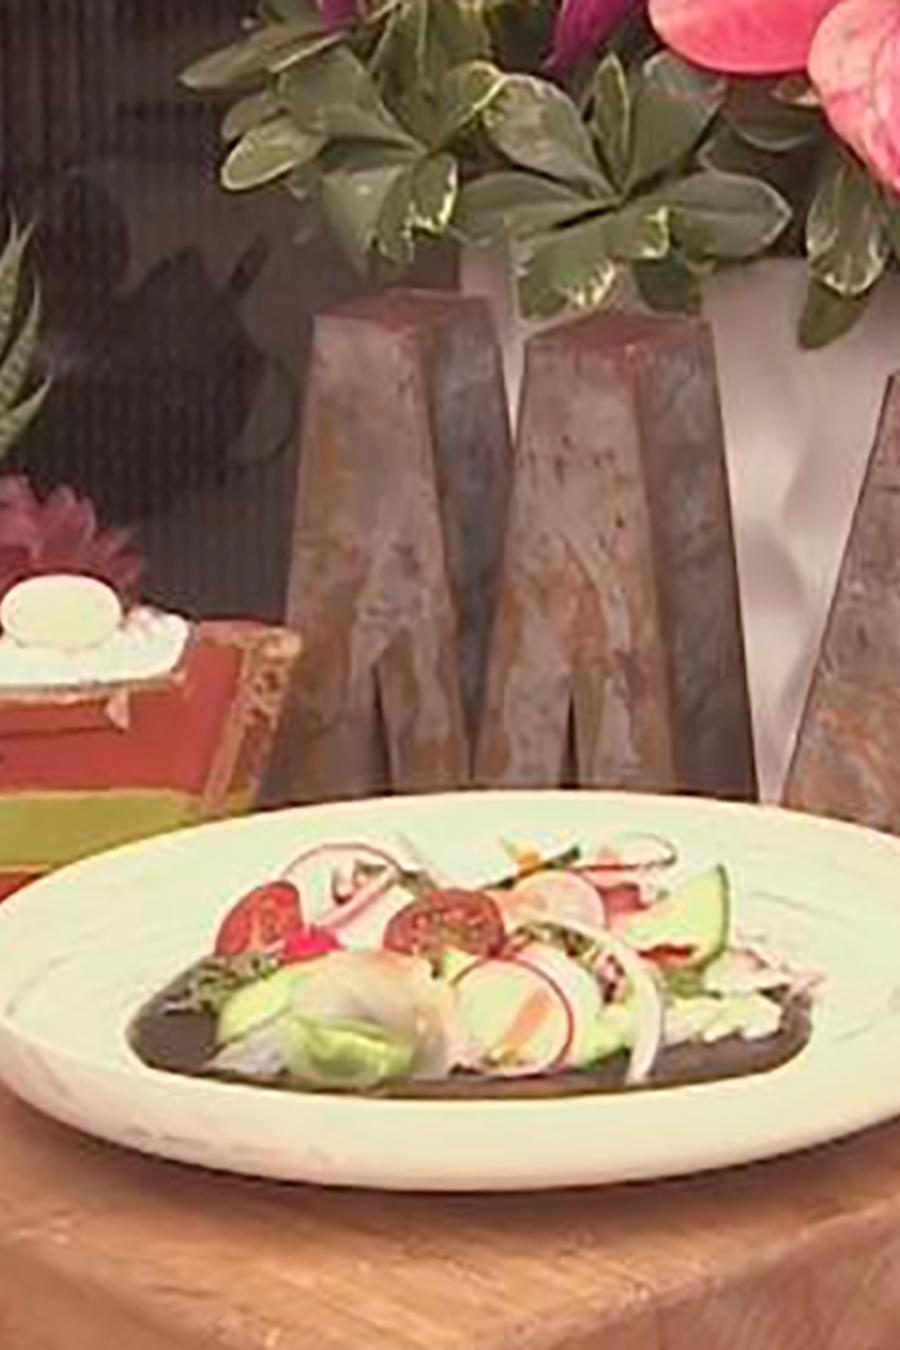 Recetas de cocina: Tiradito de Pulpo y Pescado con Leche de Tigre Quemada